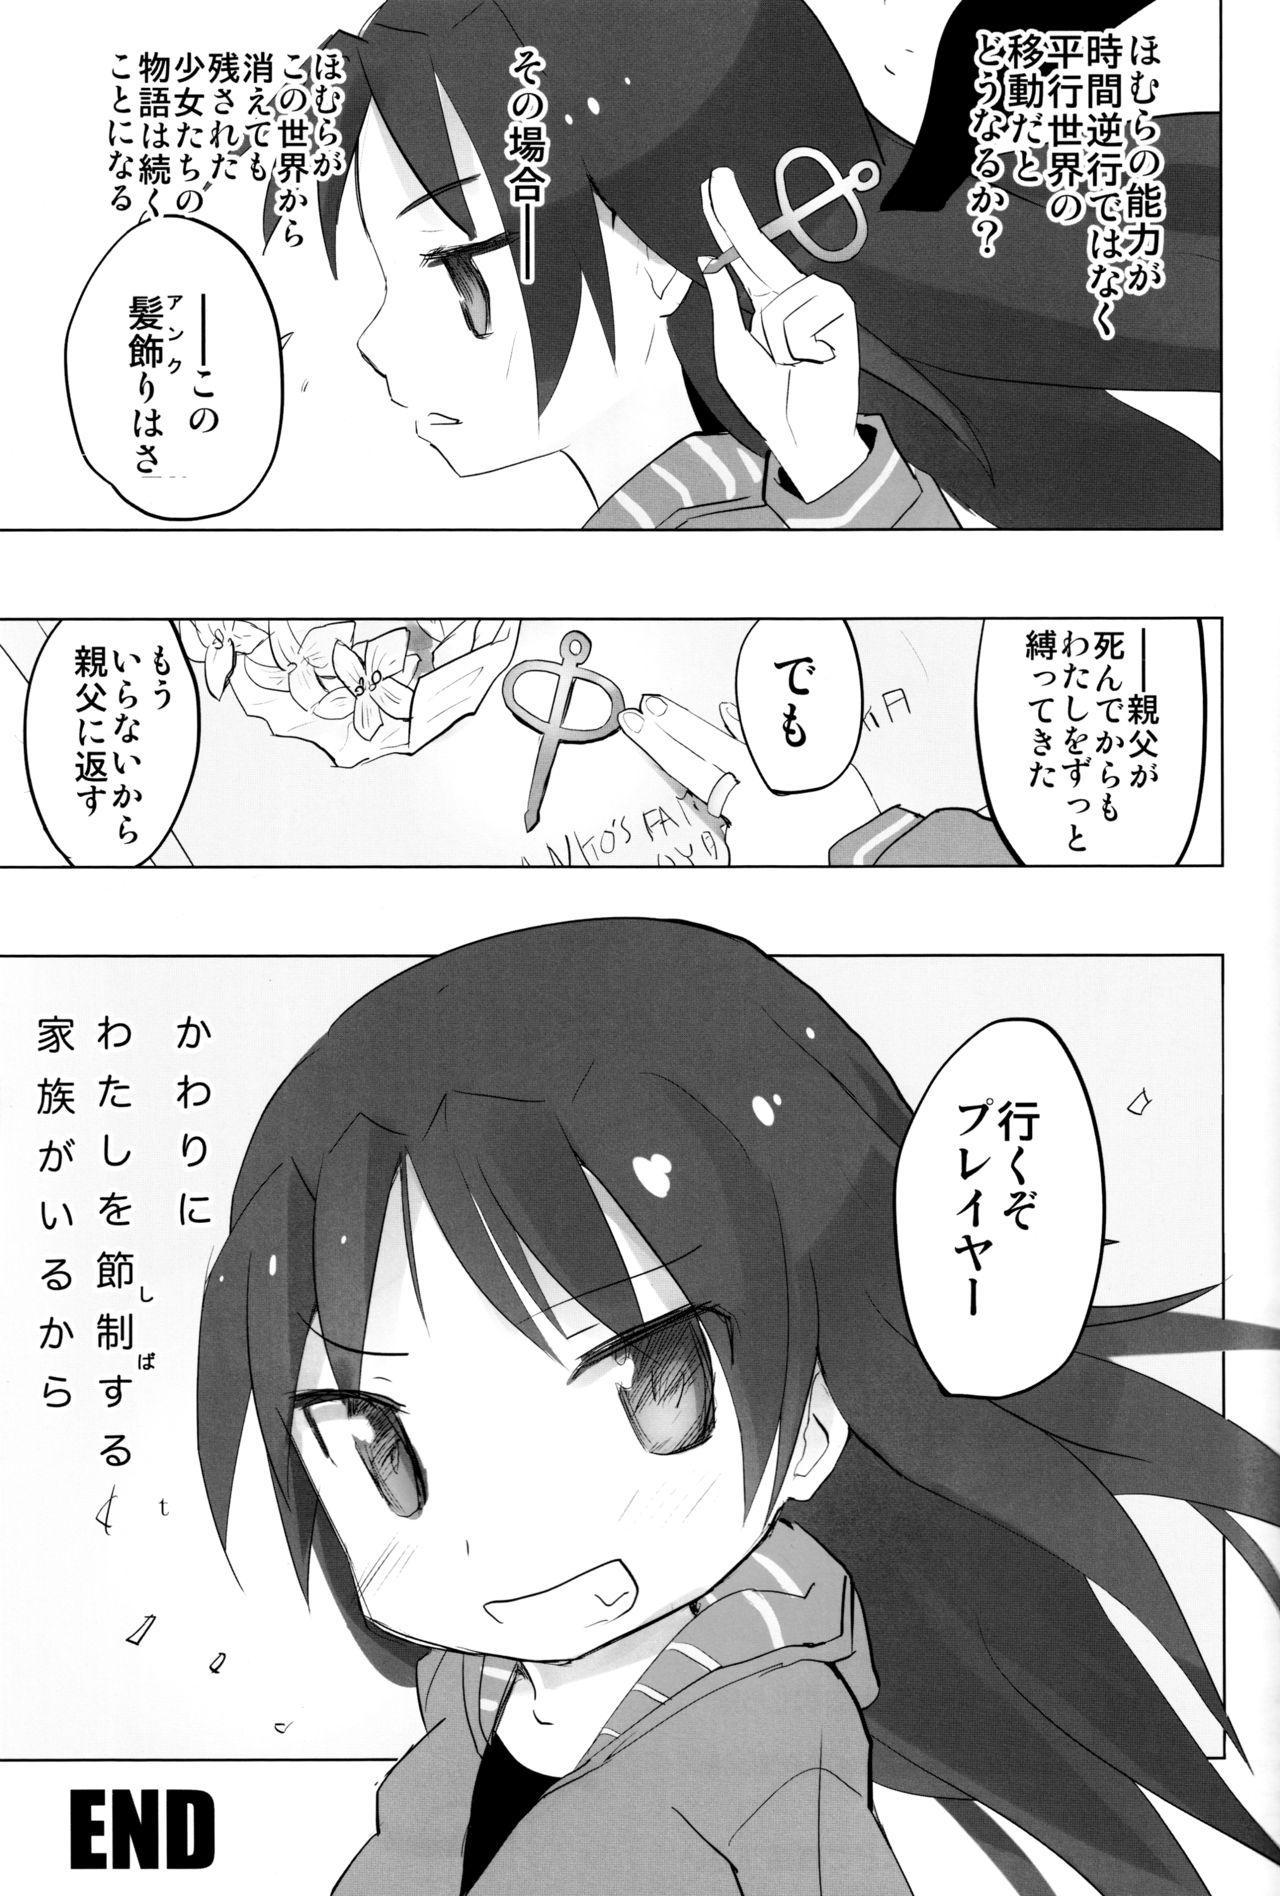 MadoOn no Sekai dato Ossan wa Mahou Shoujo de Sunao na Kyouko-chan o Tsuremawashite Zaiakukan Bokki 19